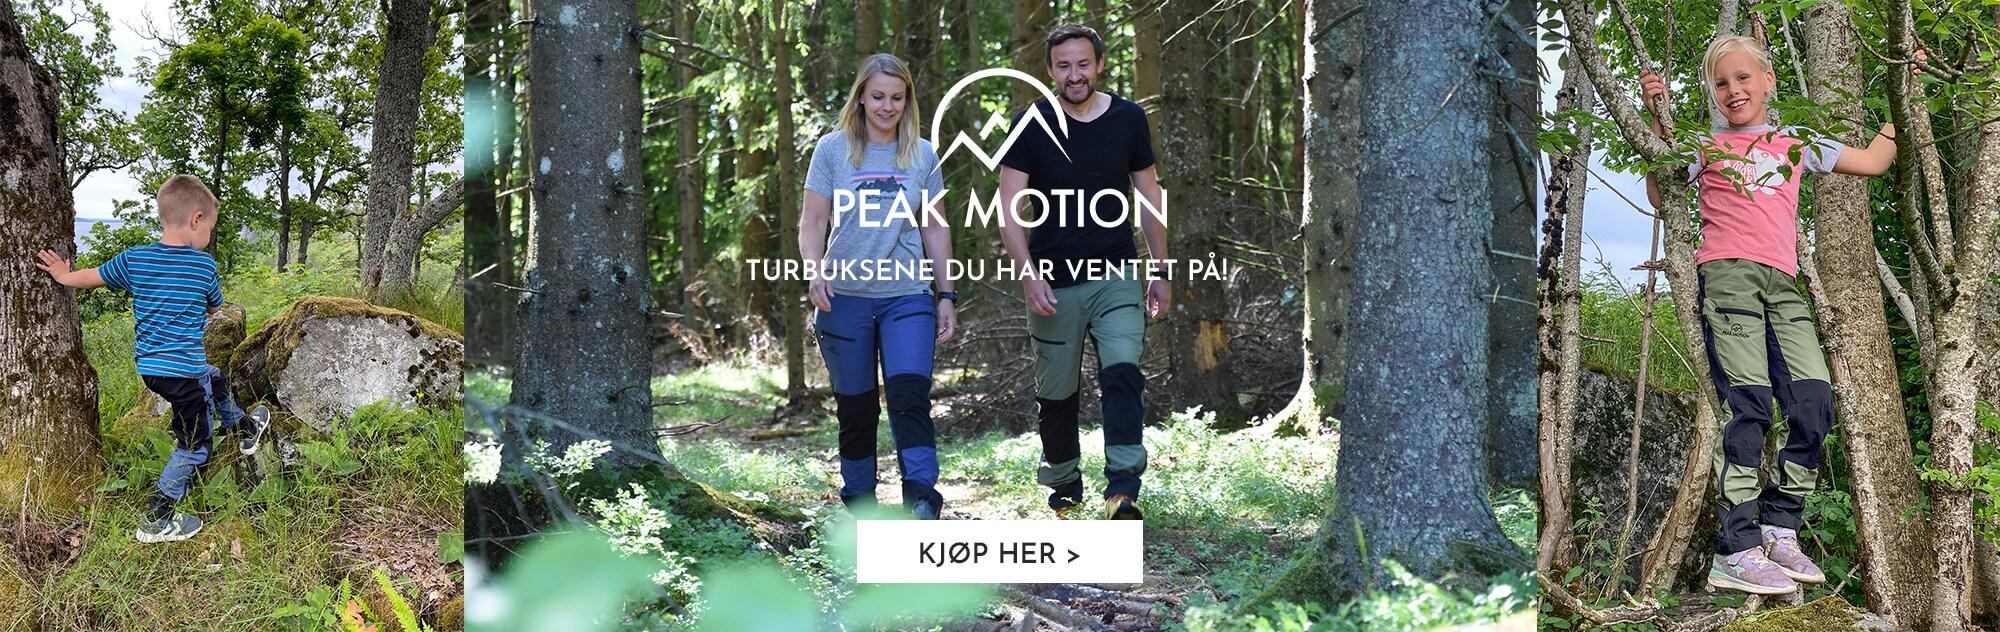 https://www.hektapatur.no/pub_docs/files/Custom_Item_Images/Hero-bilde-peak-motion.png